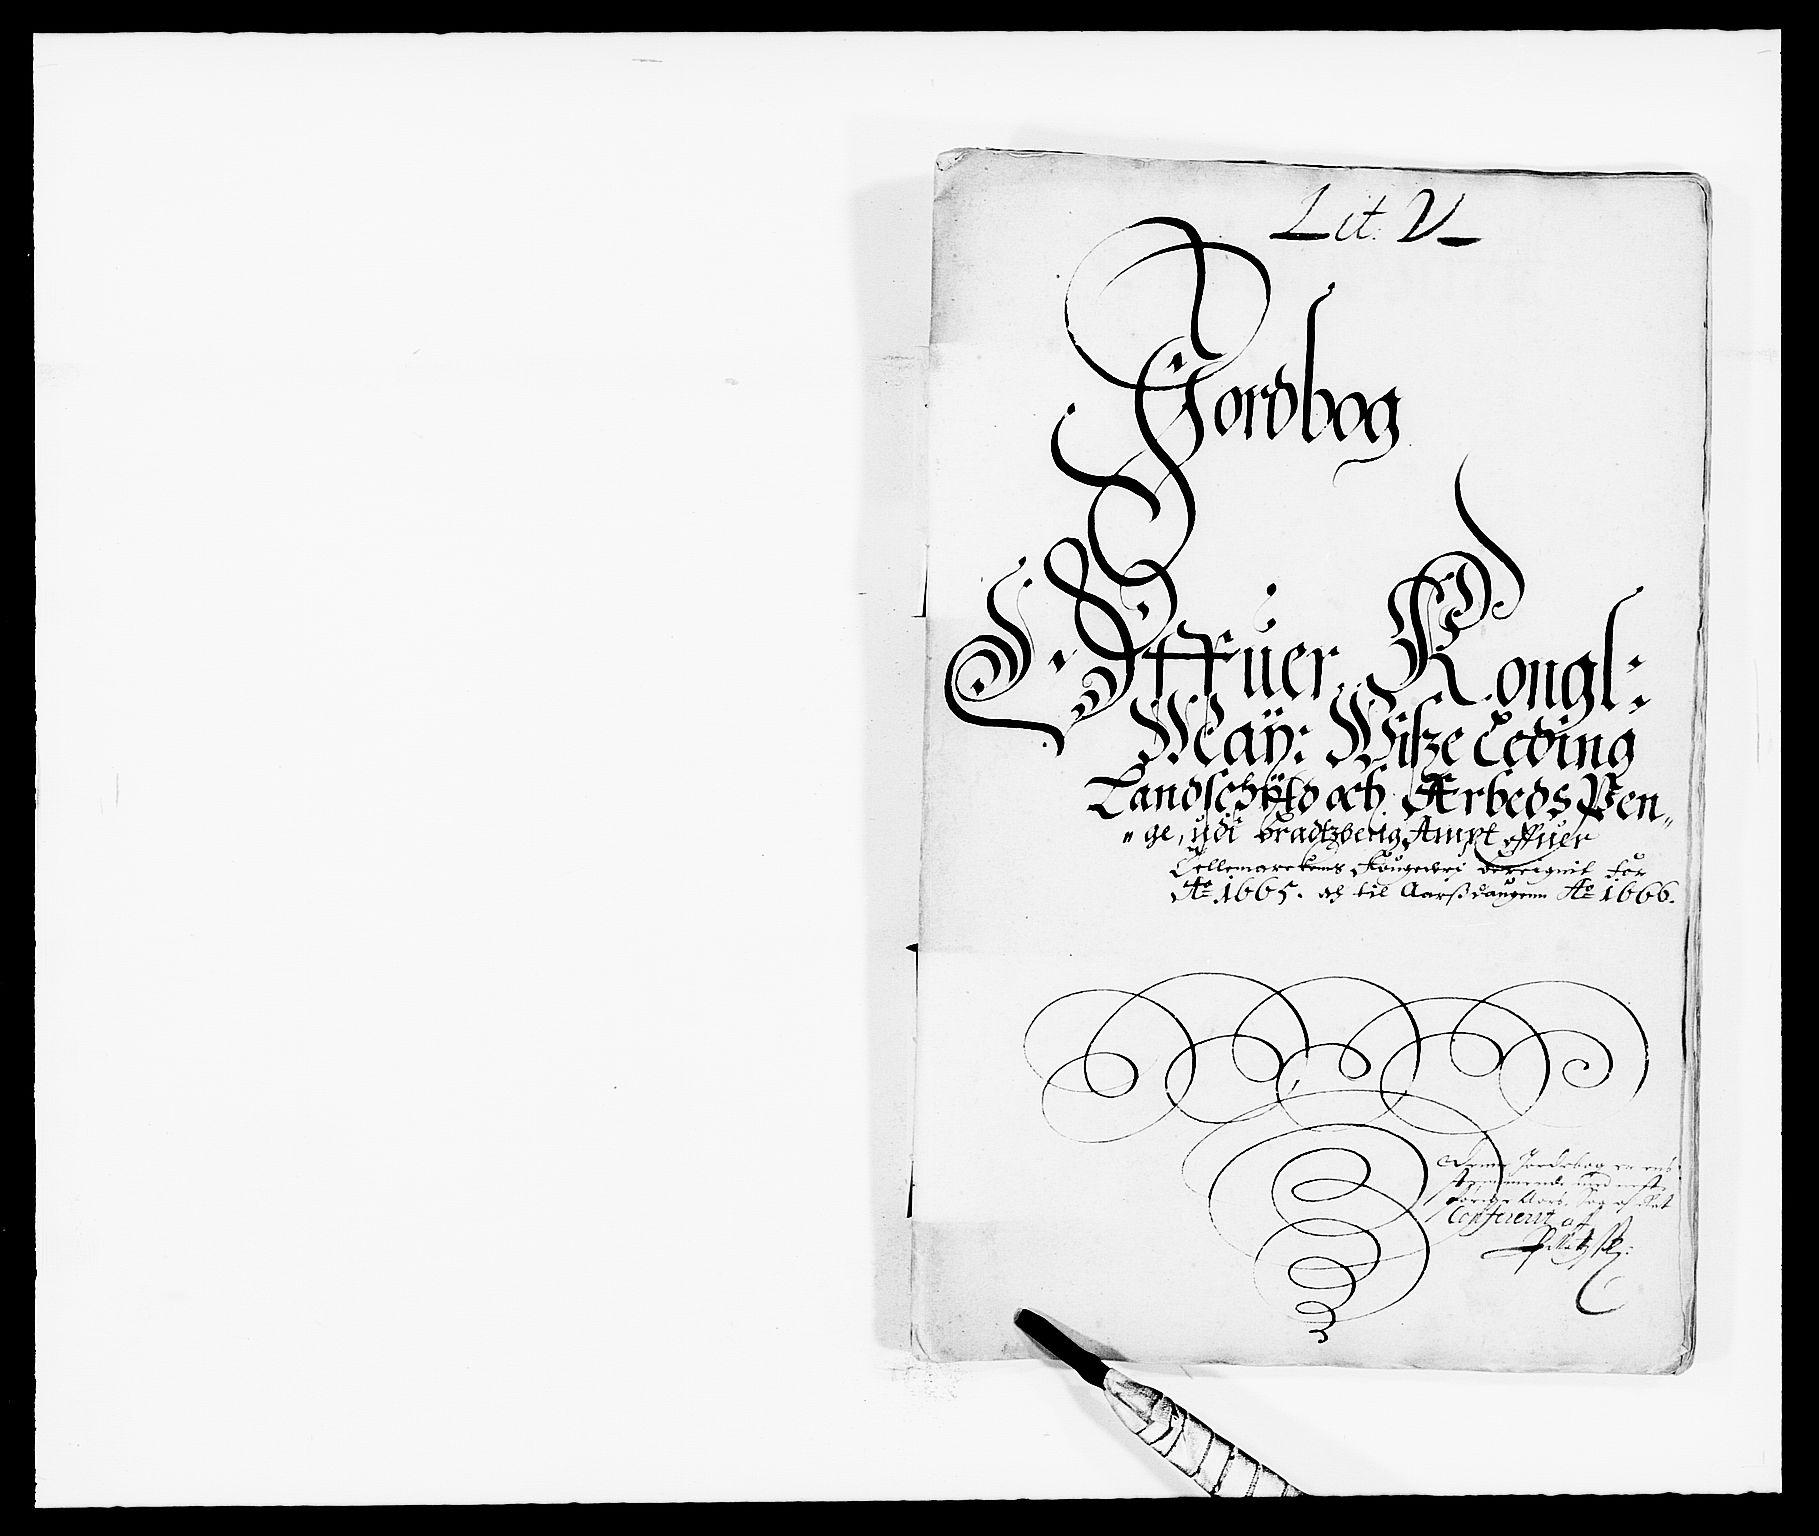 RA, Rentekammeret inntil 1814, Reviderte regnskaper, Fogderegnskap, R35/L2056: Fogderegnskap Øvre og Nedre Telemark, 1665, s. 207